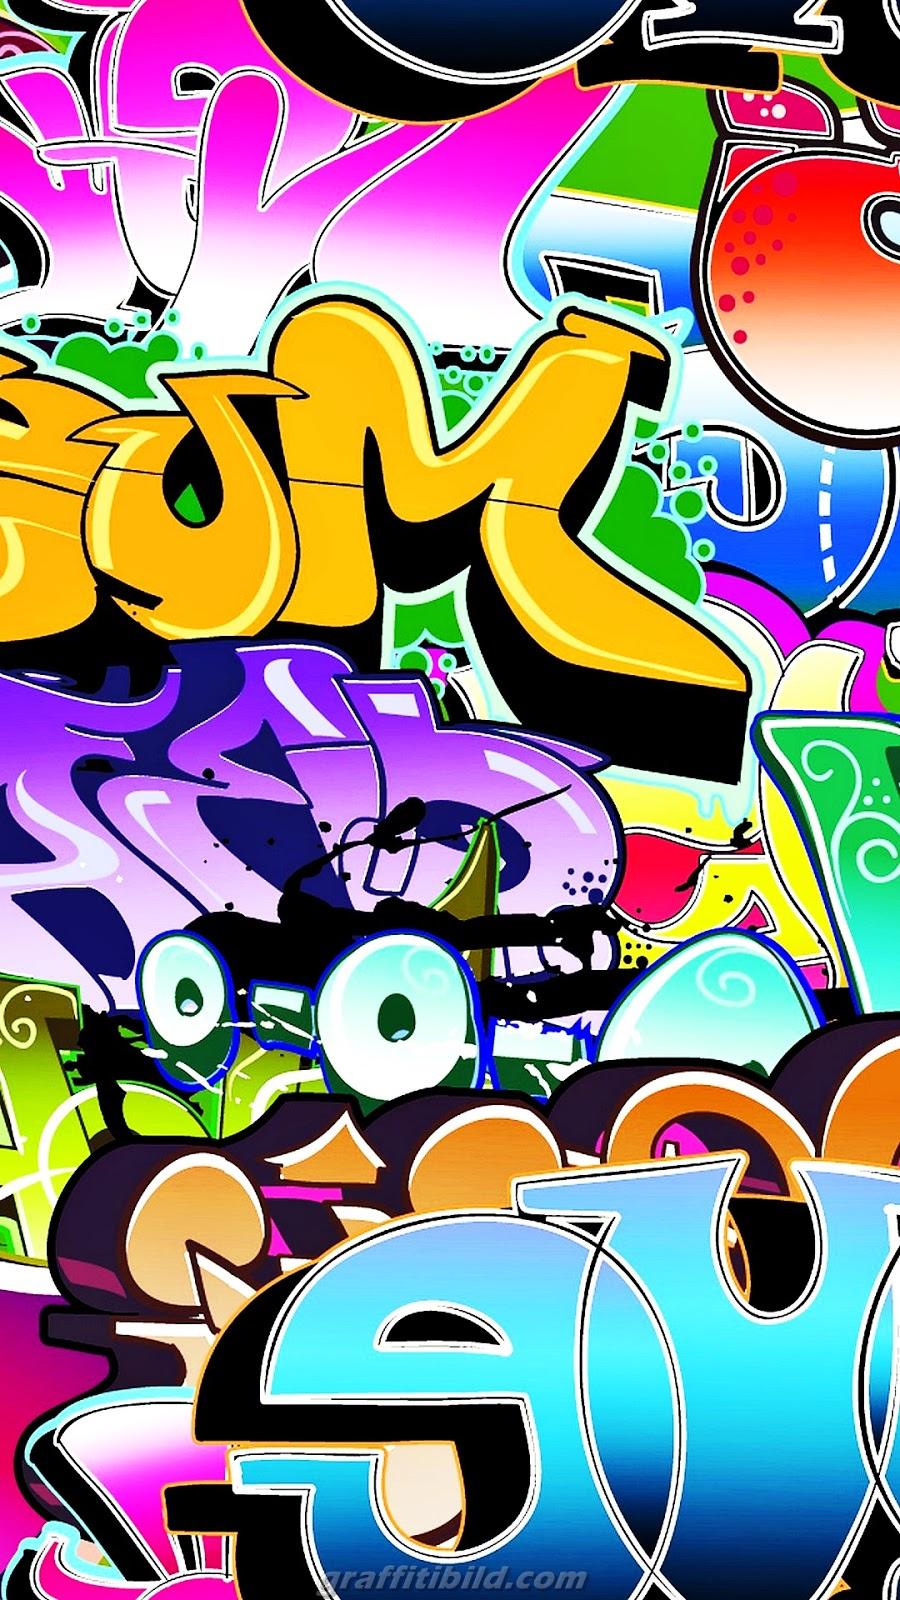 graffiti wallpaper android, graffiti hintergrundbilder handy